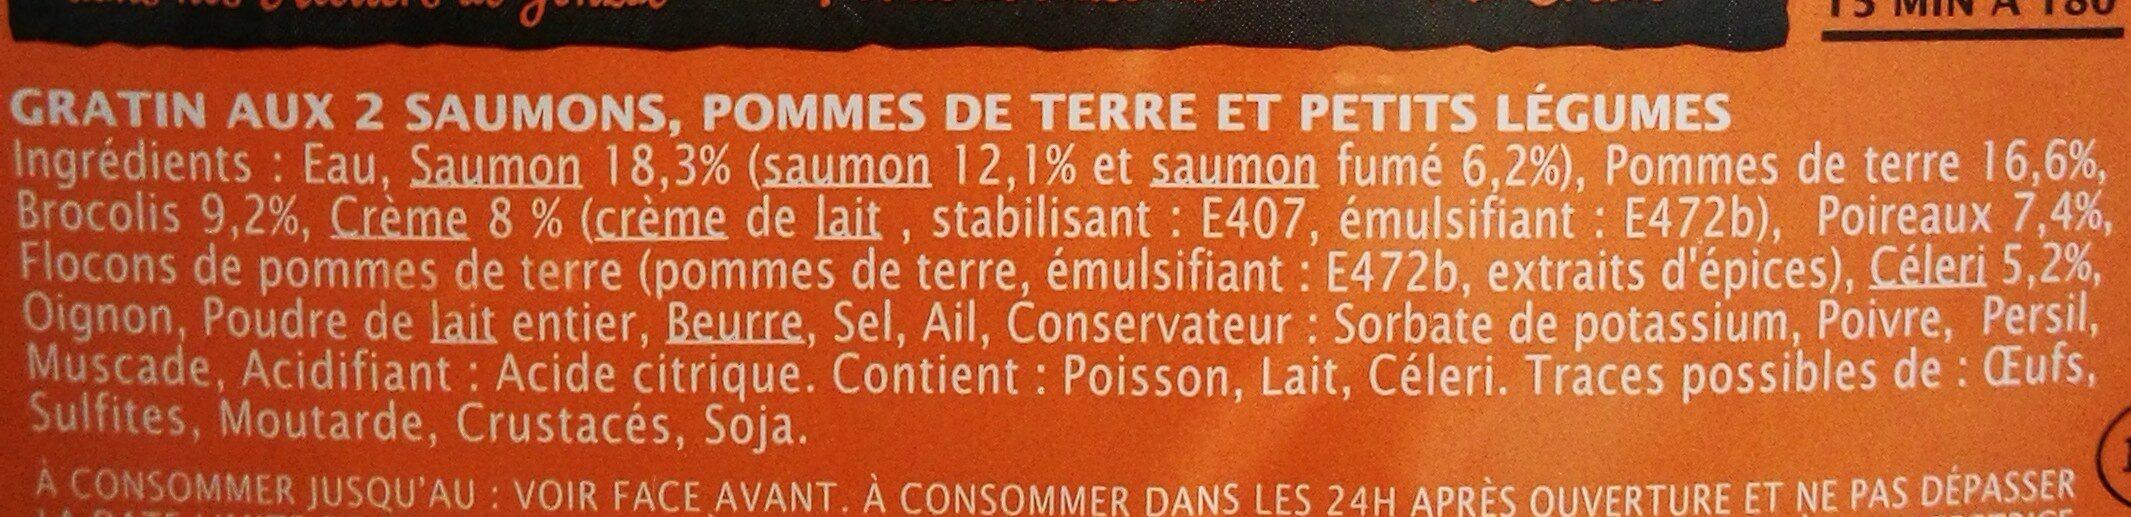 Gratin aux 2 saumons, pommes de terre & petits légumes - Ingrédients - fr